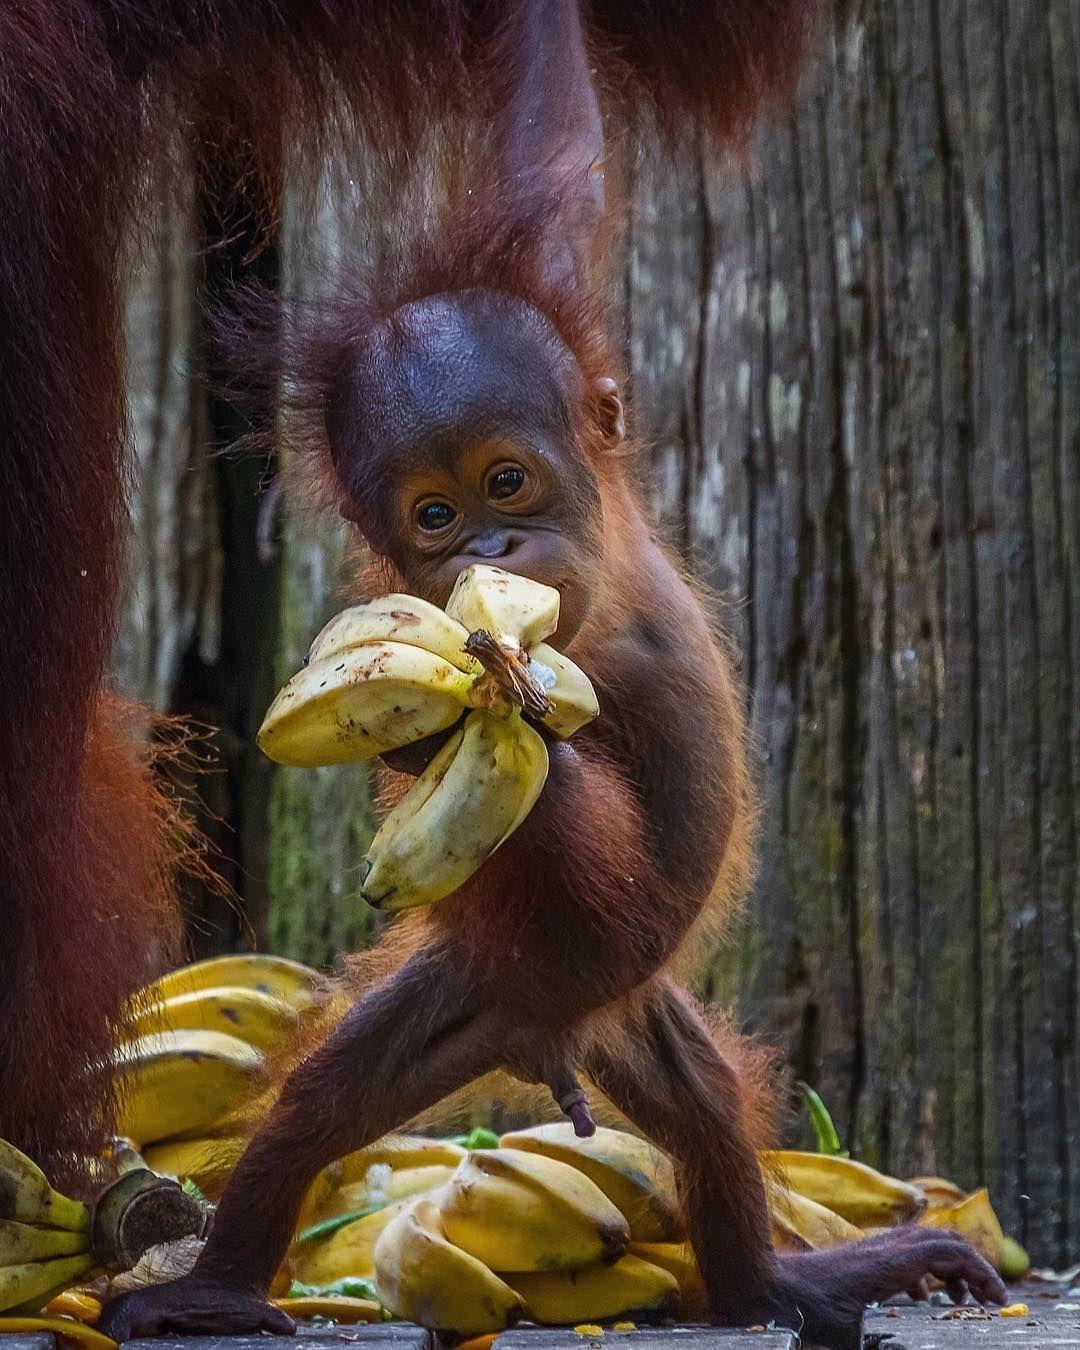 An adorable baby orangutan living in Borneo at the Sepilok ...